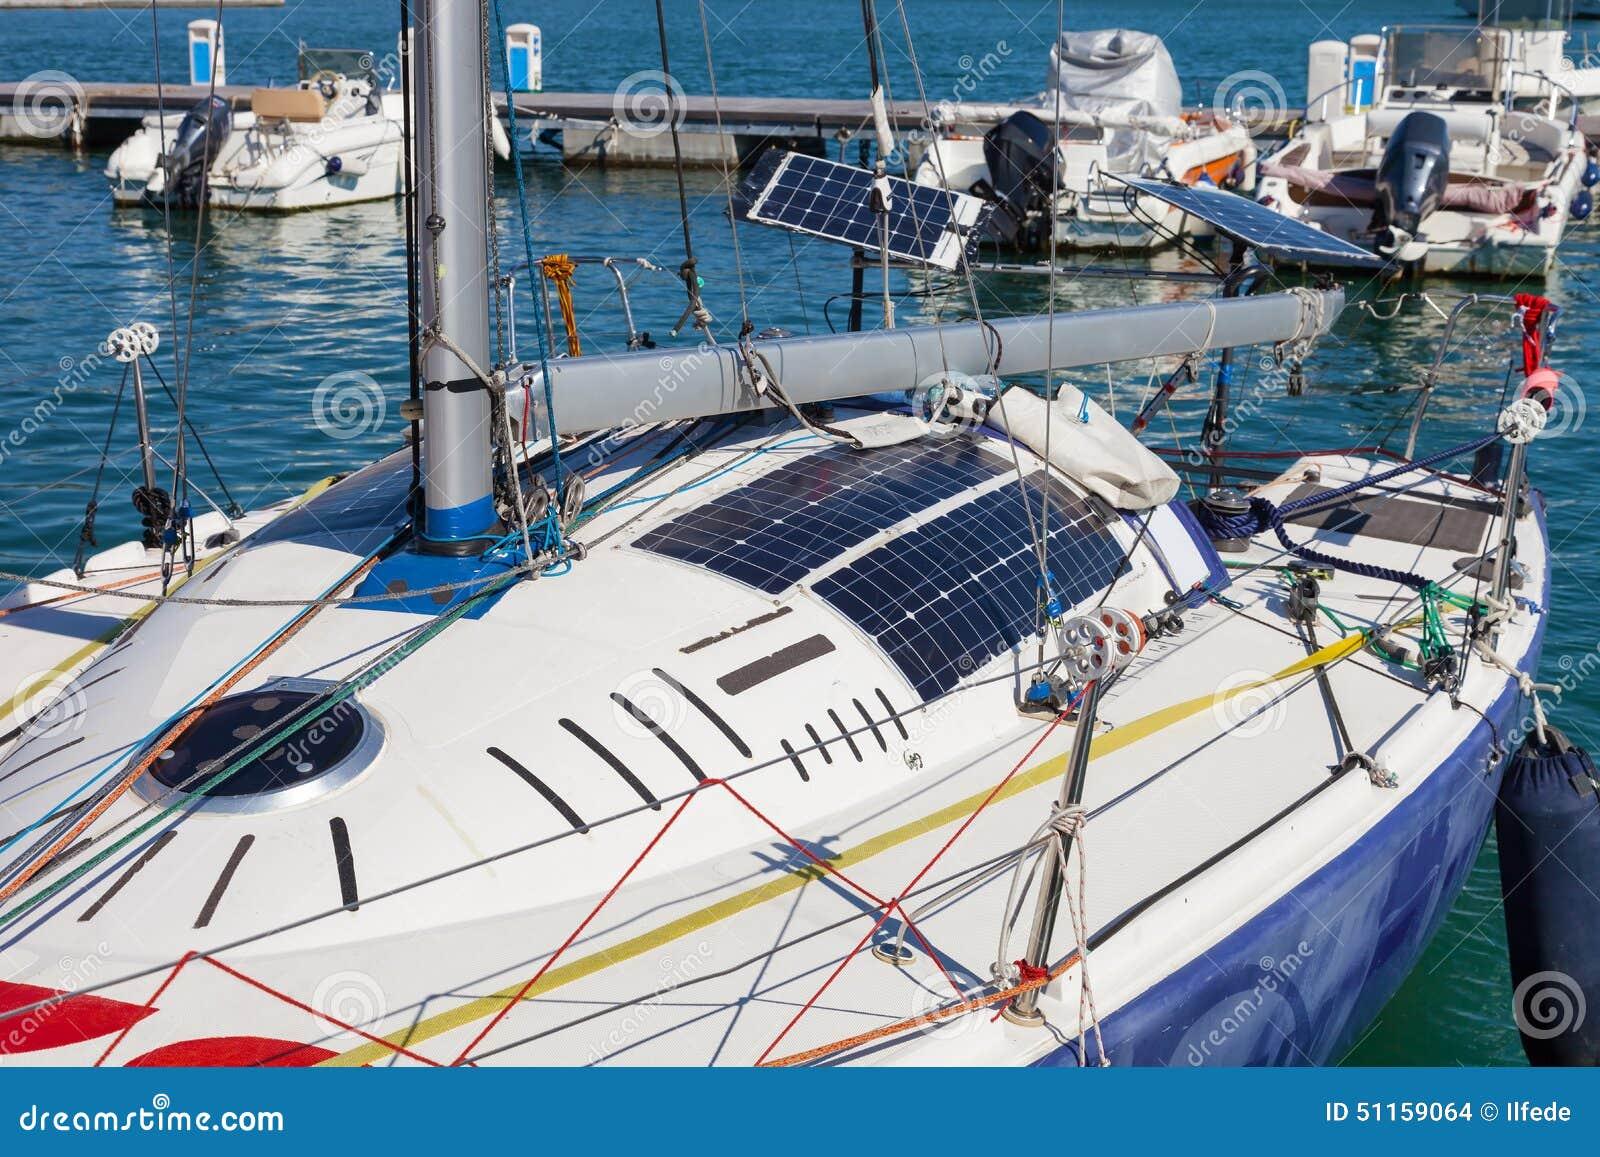 Pannello Solare Barca A Vela : Pannelli solari fotovoltaici sulla barca a vela fotografia